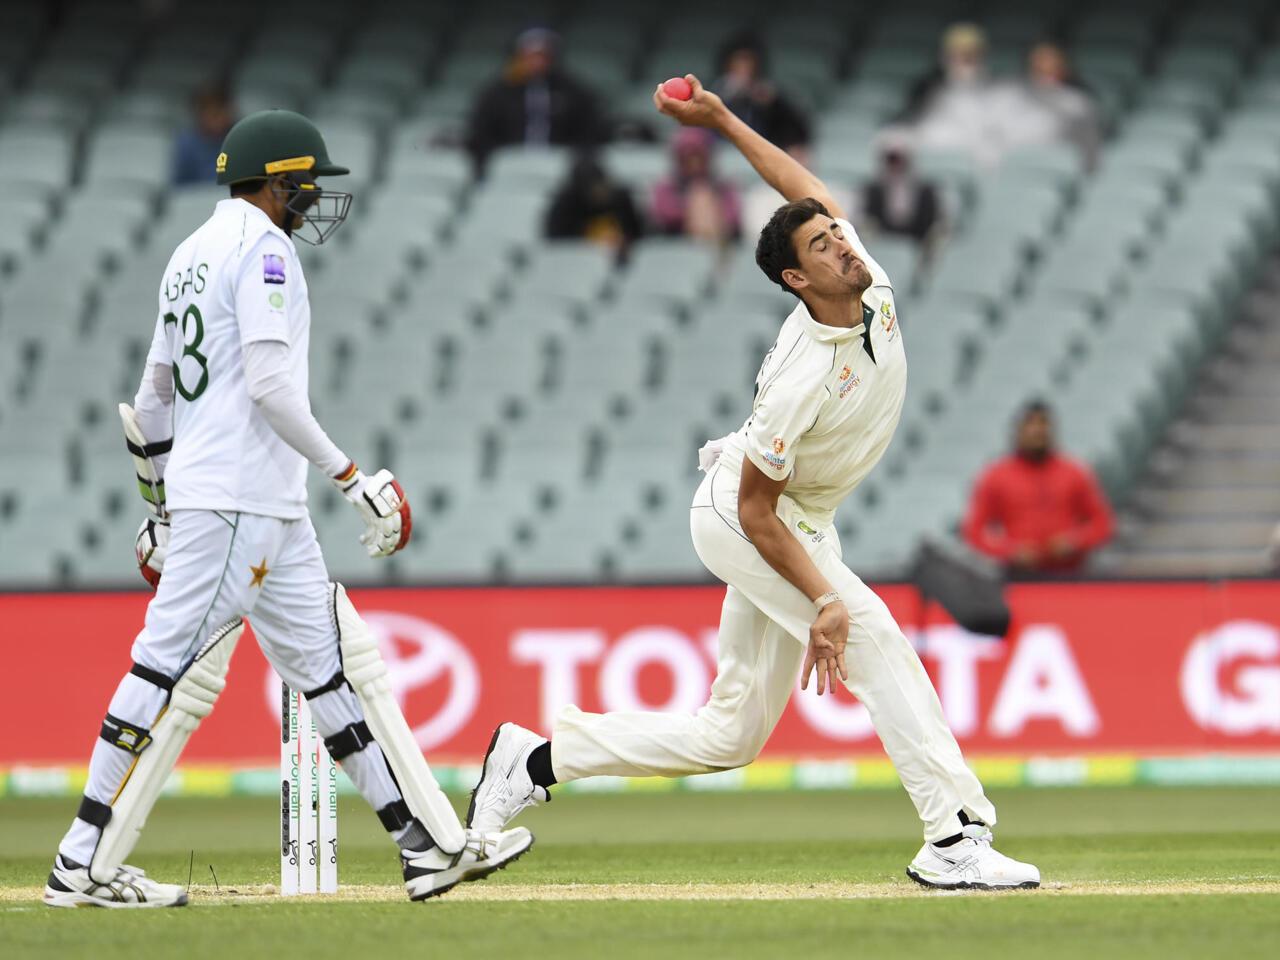 A Pretty Boring Contest Will Covid 19 Saliva Ban Take Shine Off Cricket